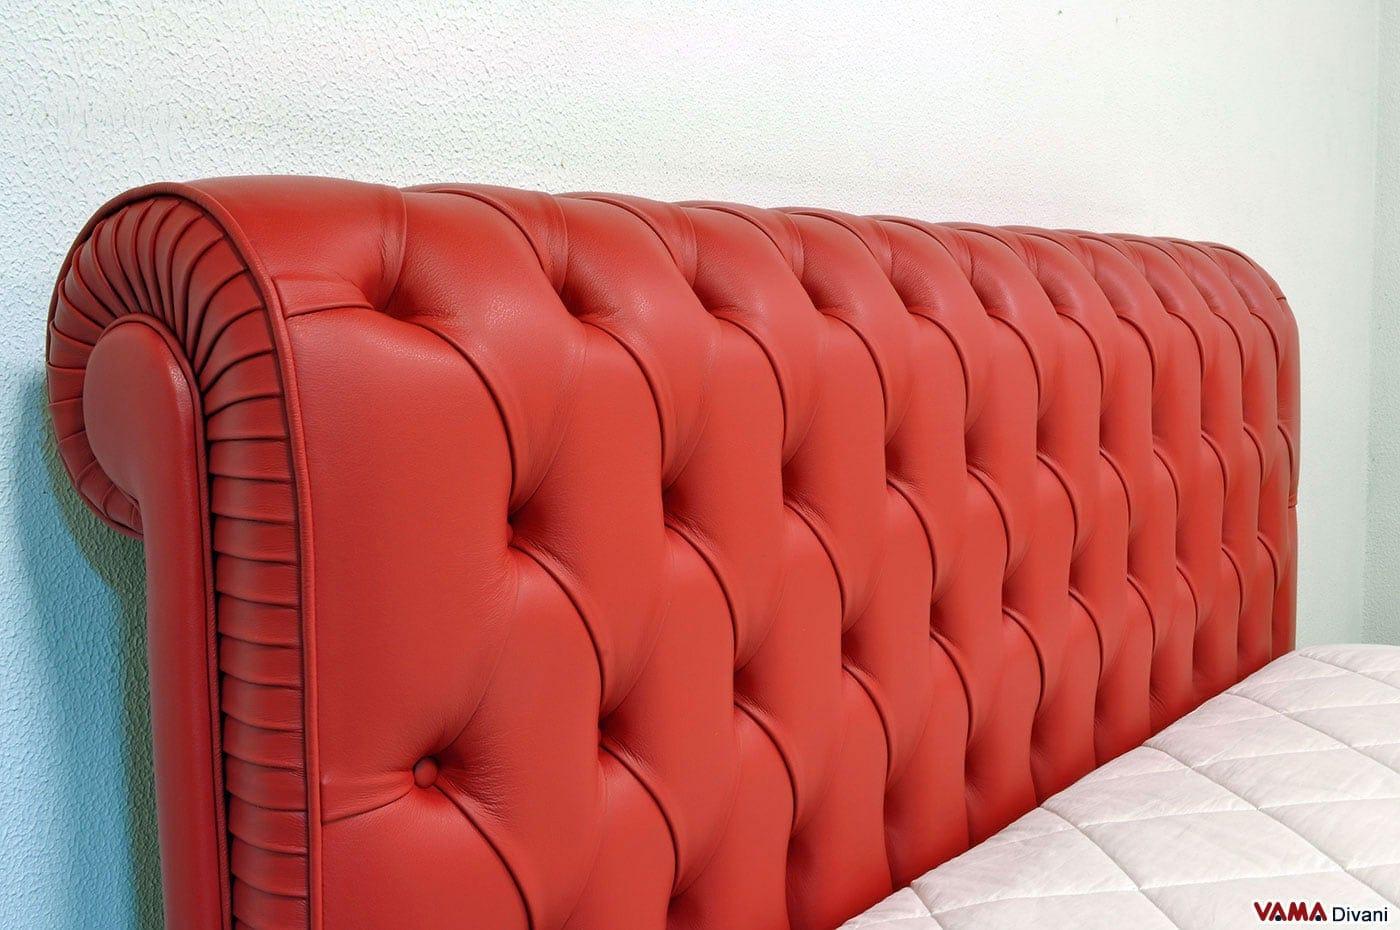 Letto chesterfield rosso con contenitore alla francese 140 cm for Letto pelle